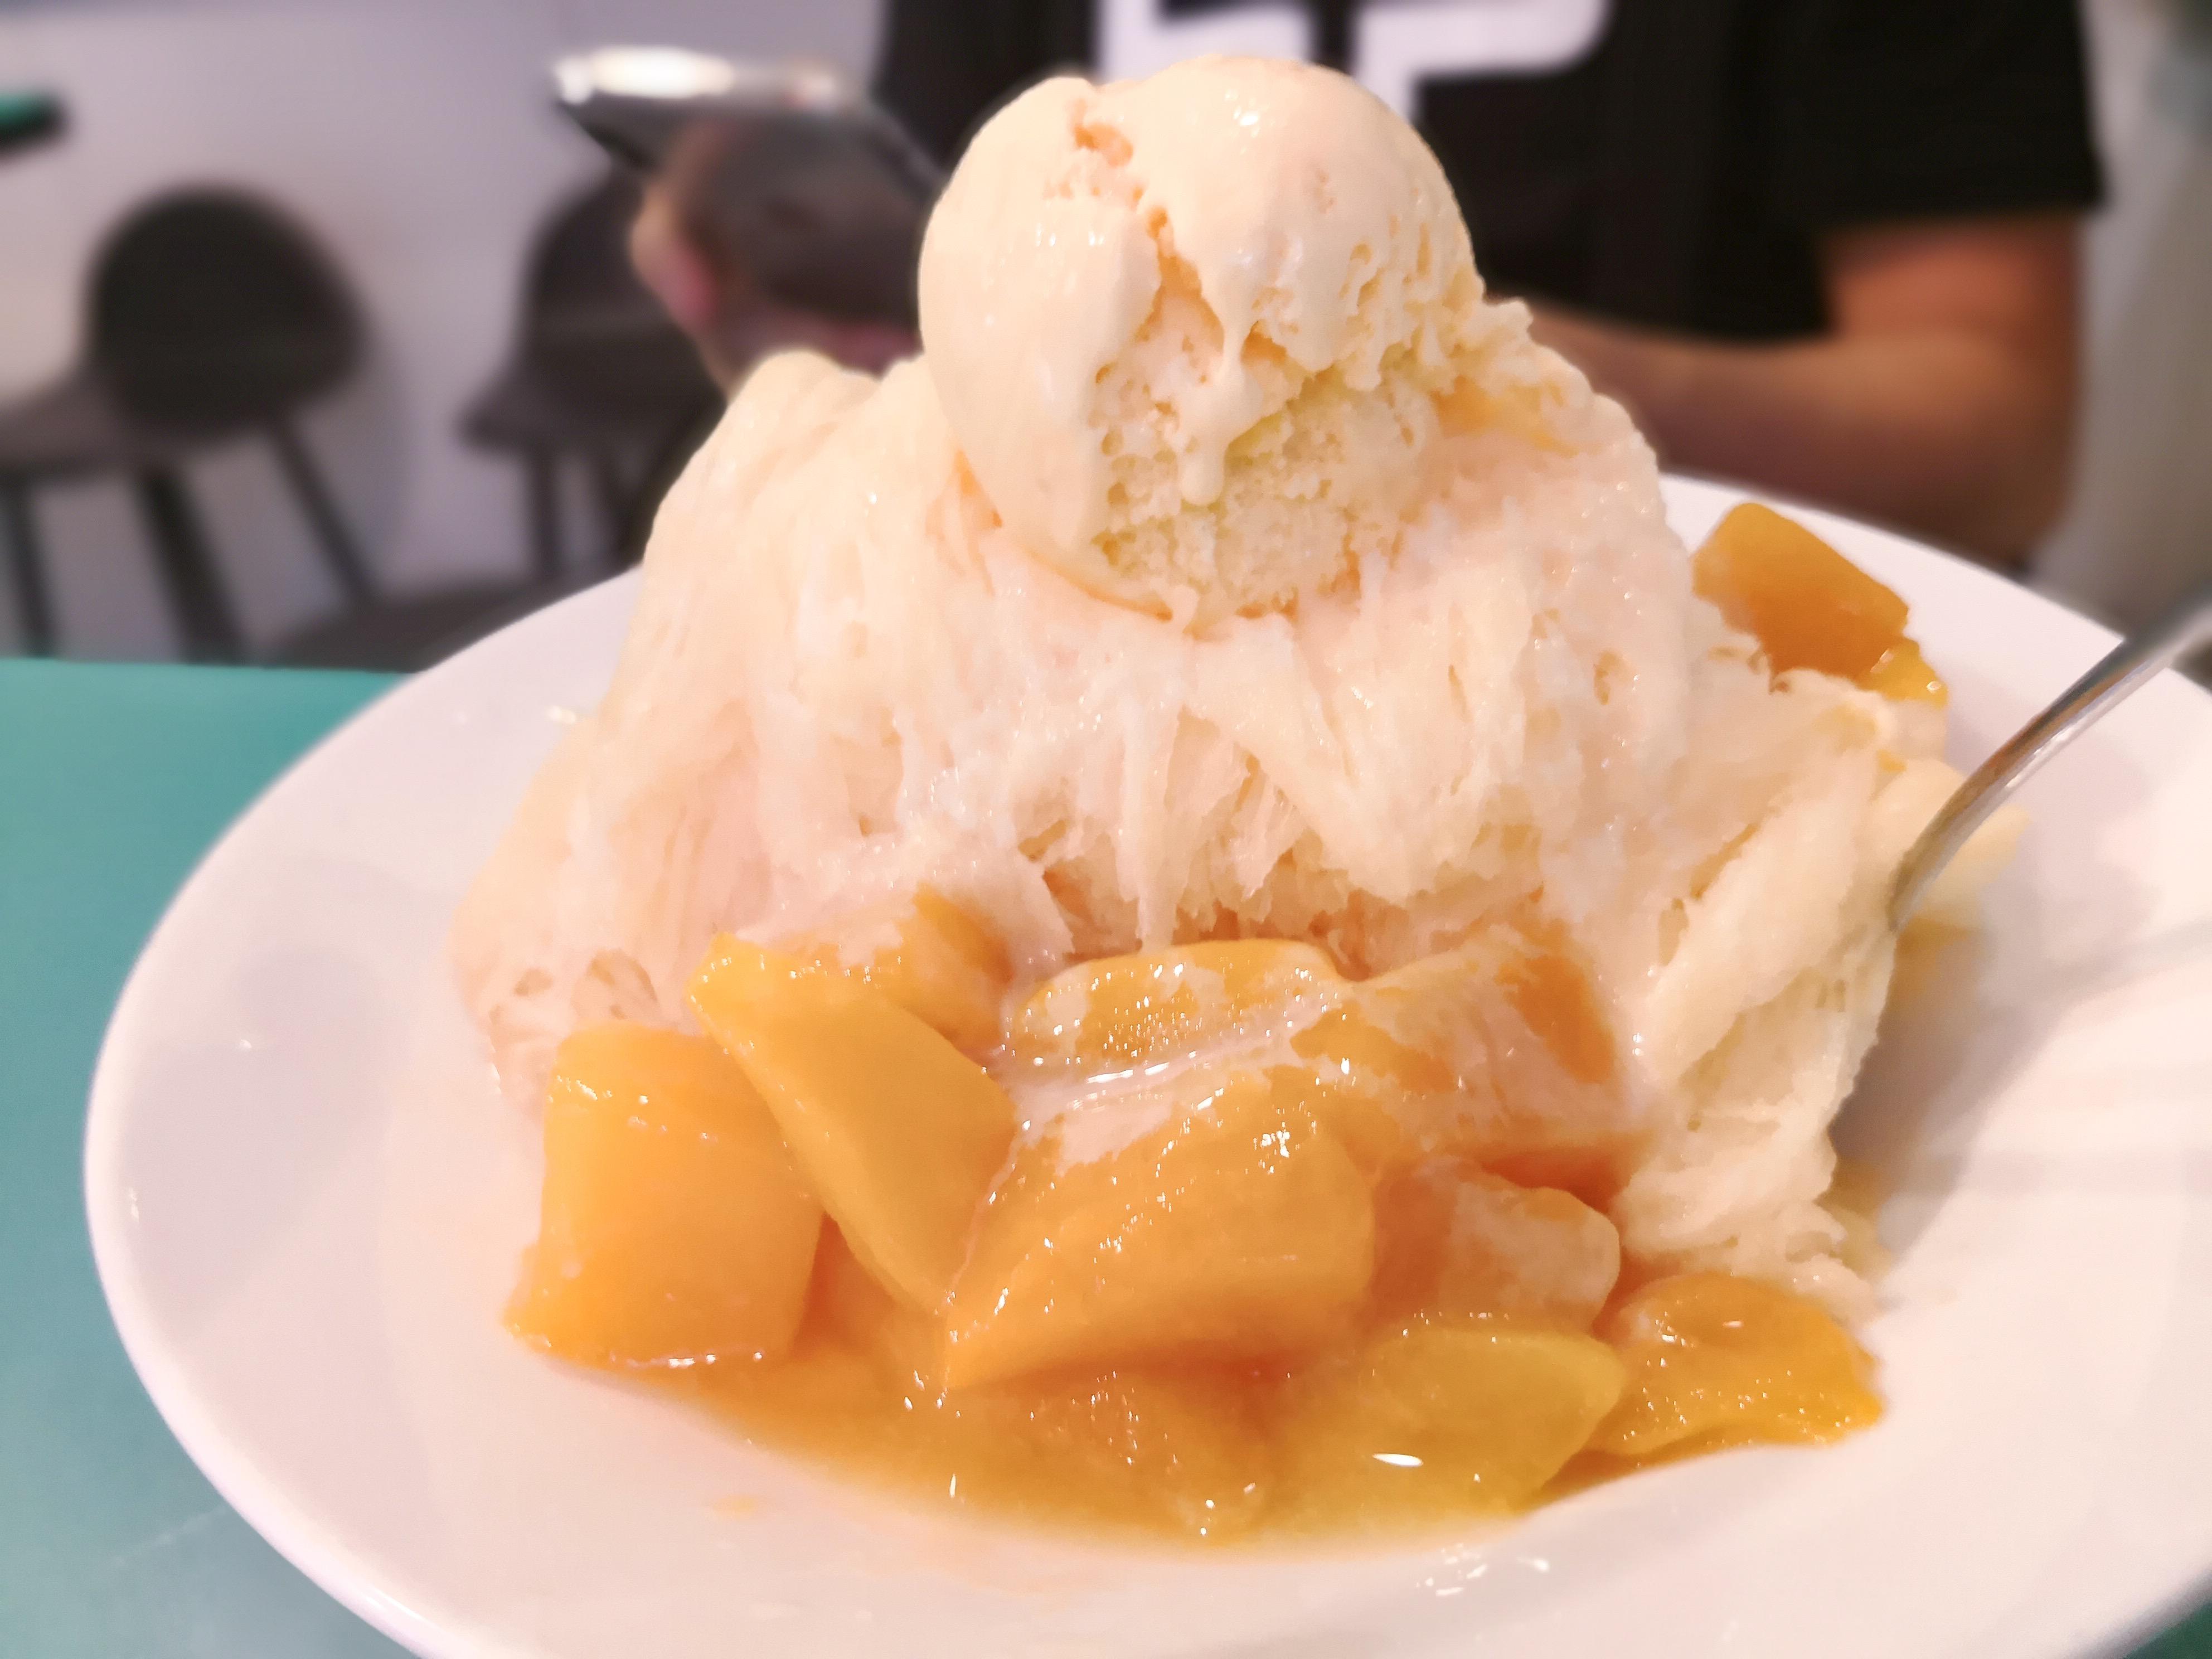 台北 永康街かき氷人気店 芋頭大王のマンゴーかき氷